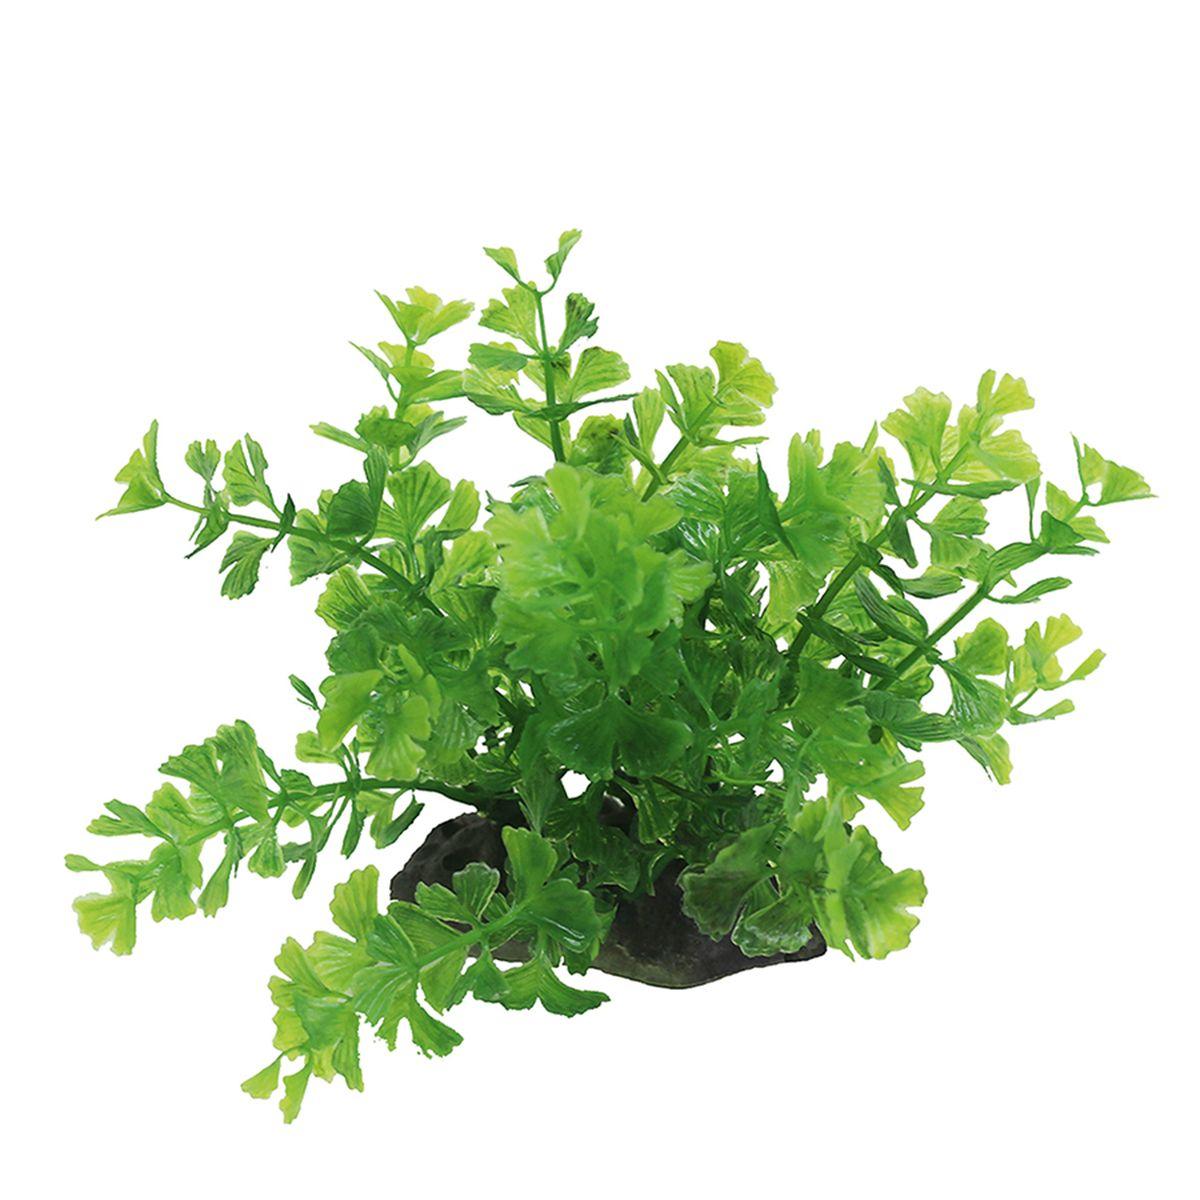 Растение для аквариума ArtUniq Кариота зеленая, высота 10-12 смART-1192109Композиция из искусственных растений ArtUniq превосходно украсит и оживит аквариум.Растения - это важная часть любой композиции, они помогут вдохнуть жизнь в ландшафт любого аквариума или террариума. А их сходствос природными порадует даже самых взыскательных ценителей.